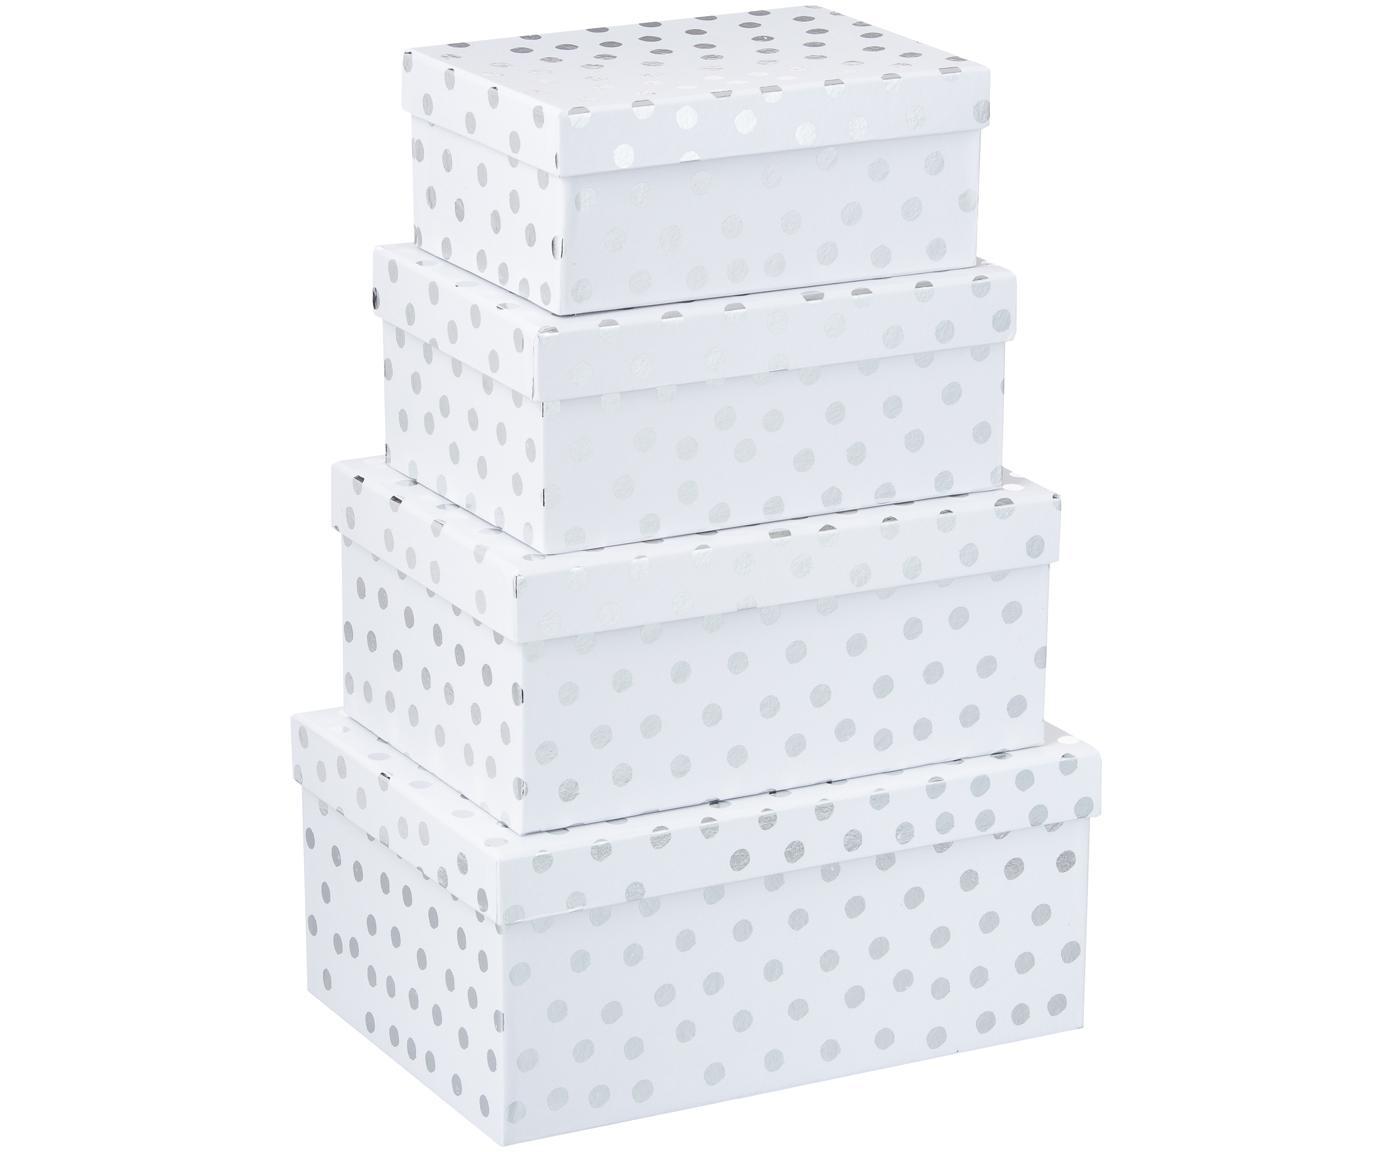 Set confezioni regalo Dots, 4 pz., Cartone, Bianco, argentato, Diverse dimensioni